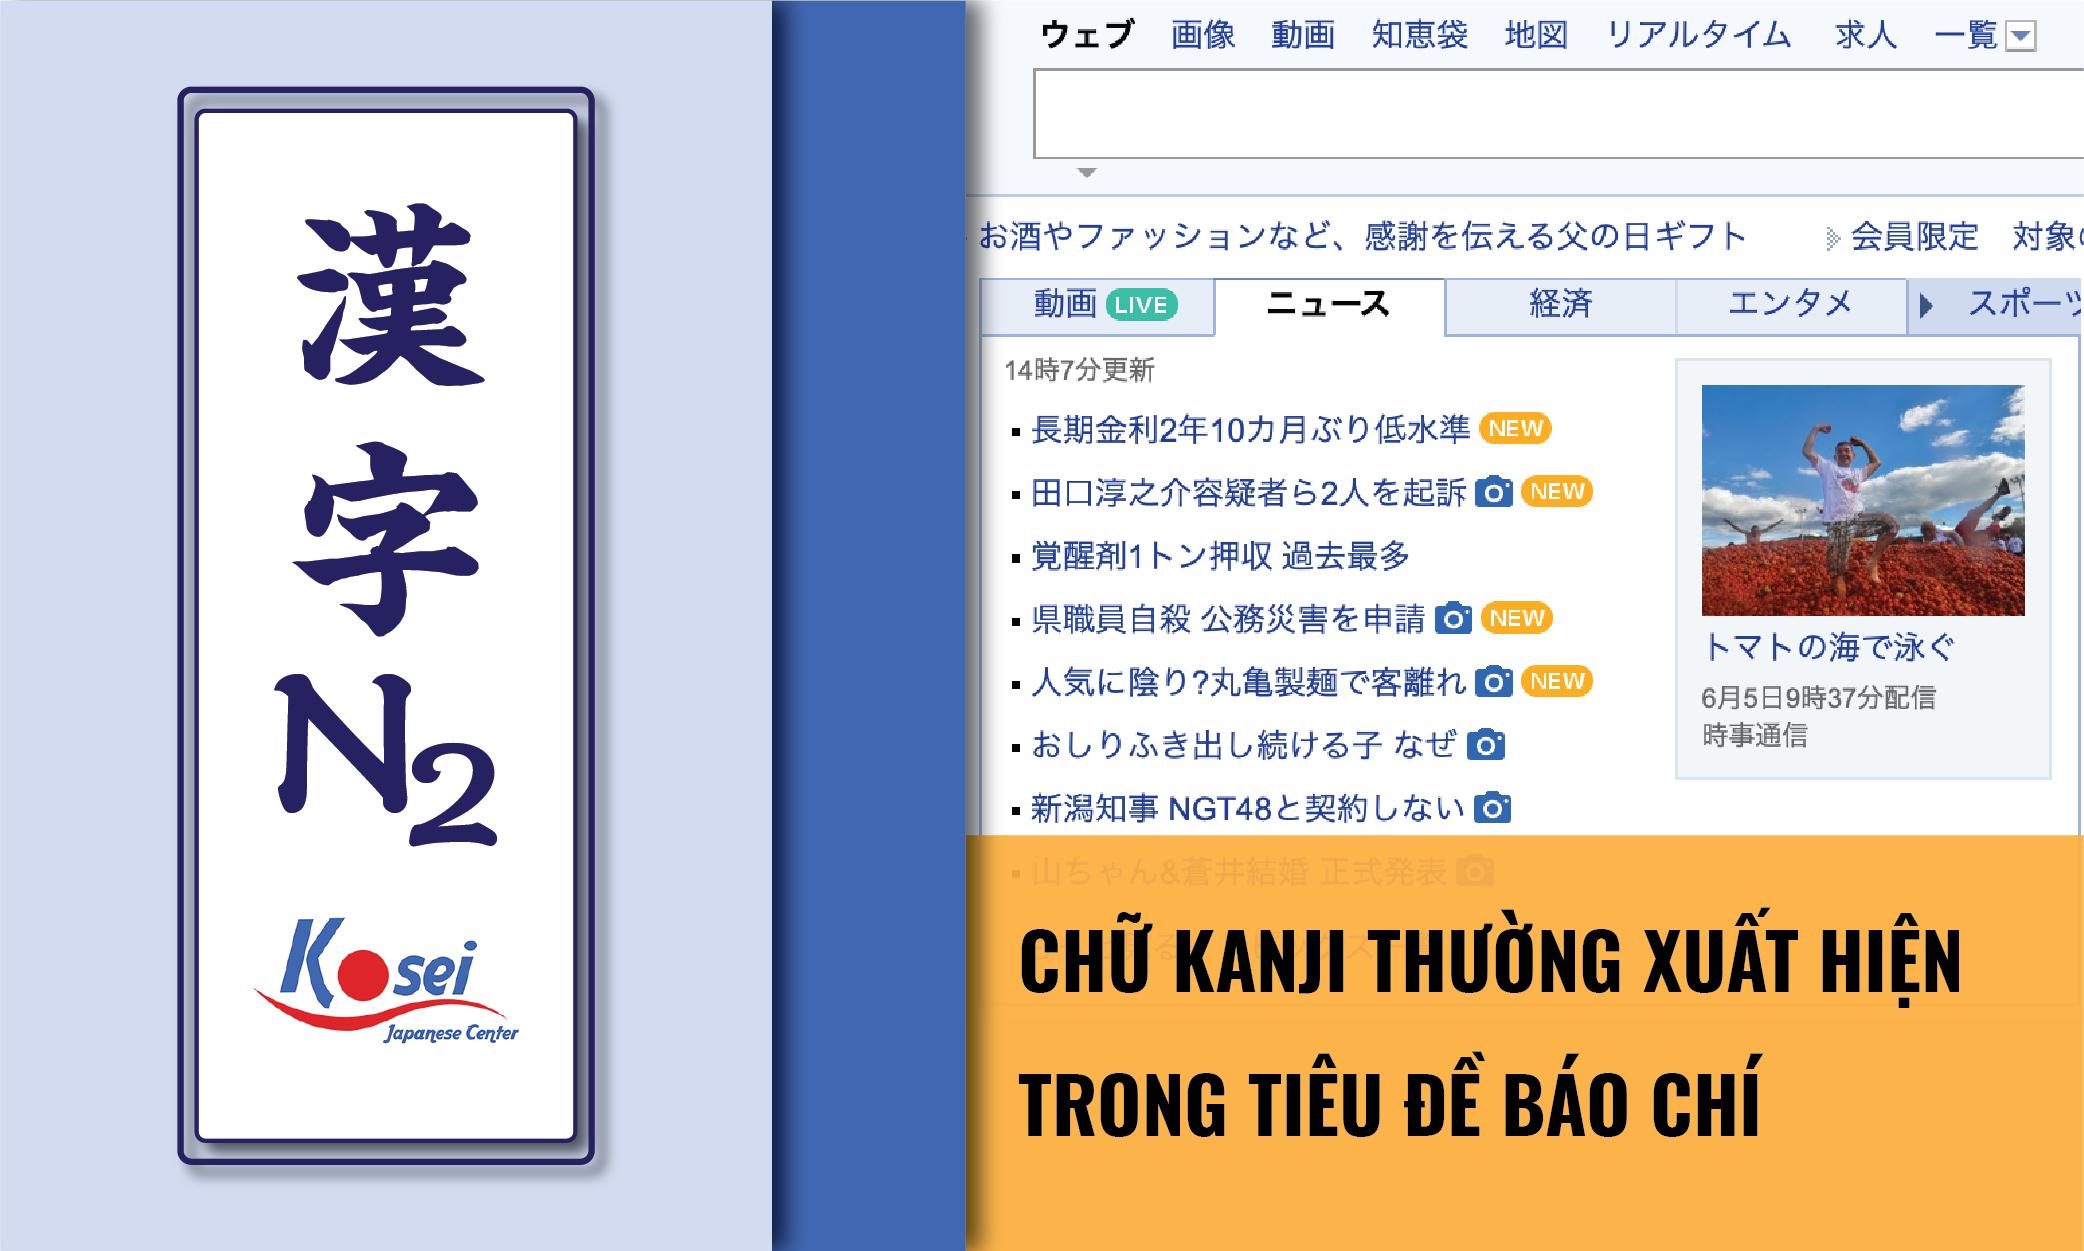 các kanji xuất hiện trên tiều đề báo